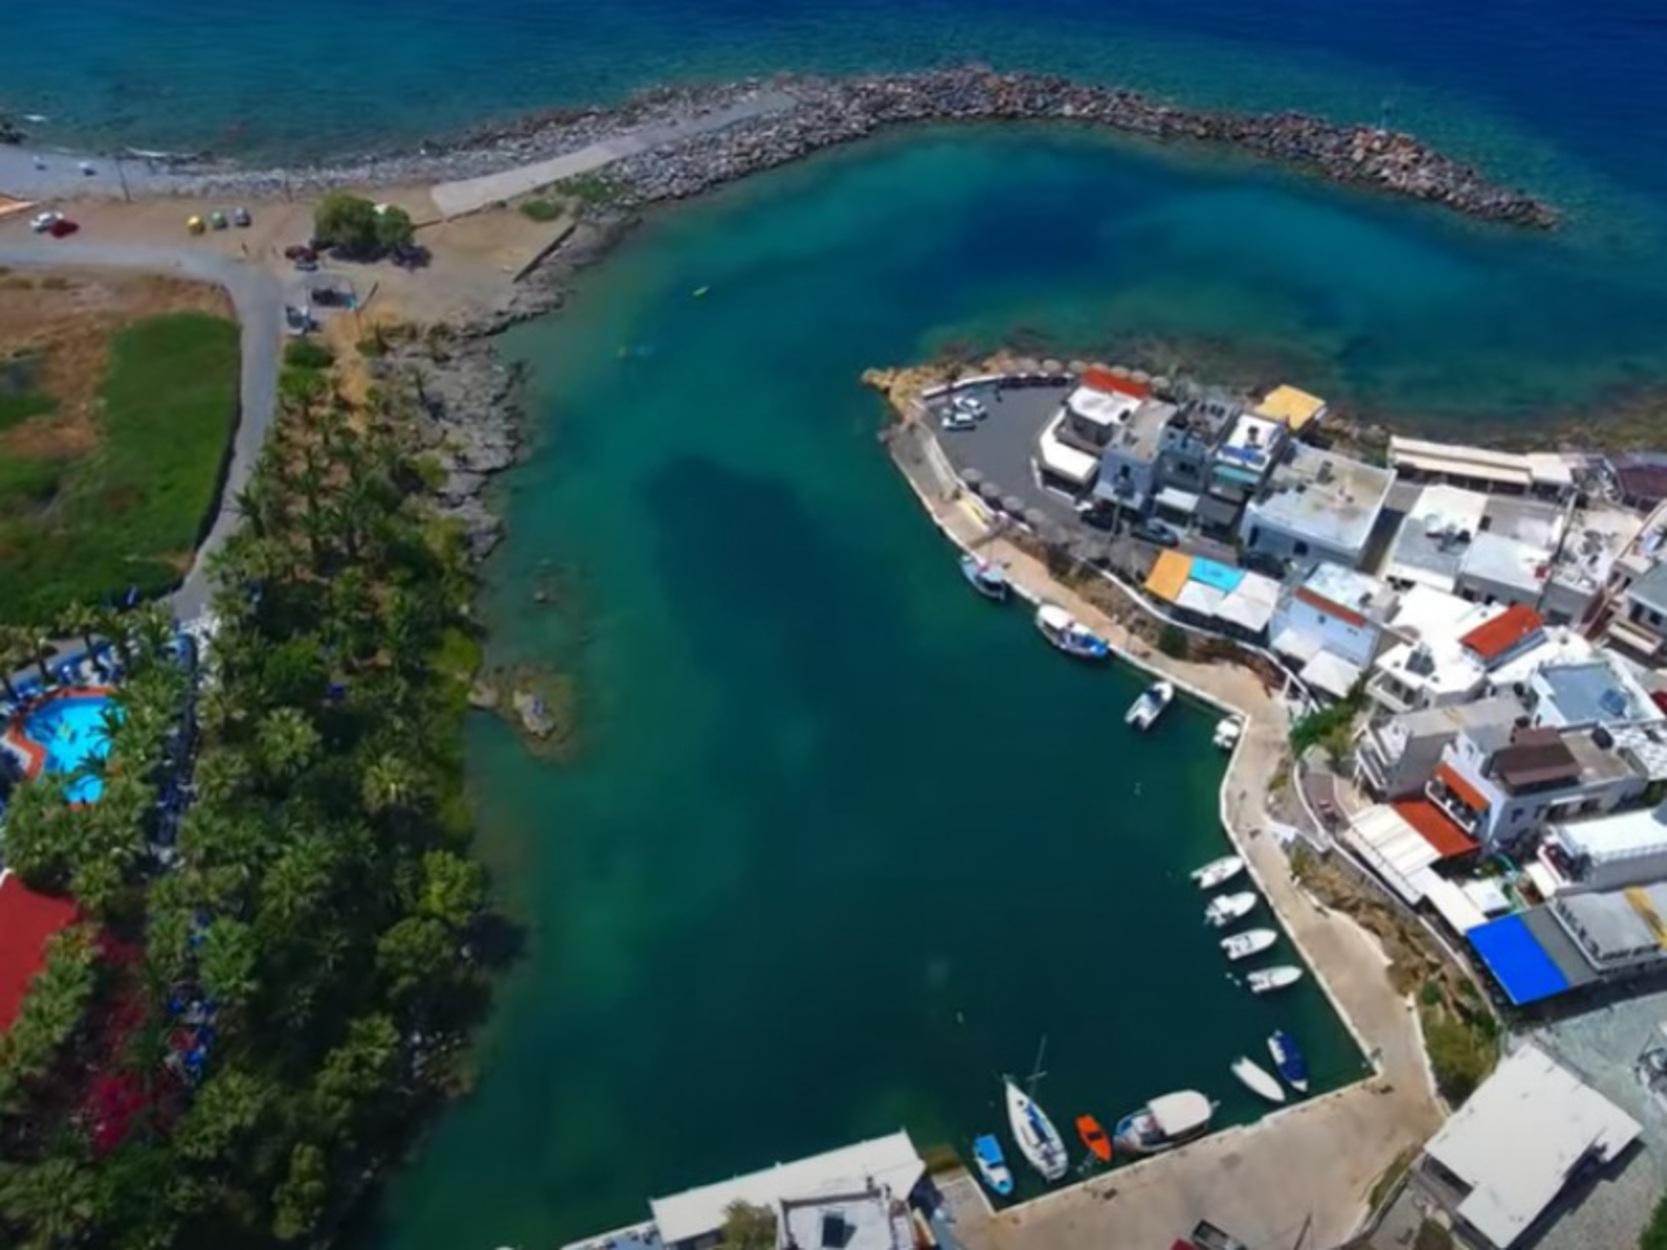 Κρήτη: Η φυσική «πισίνα» που αποτελεί πόλο έλξης – Εντυπωσιακές εικόνες από drone